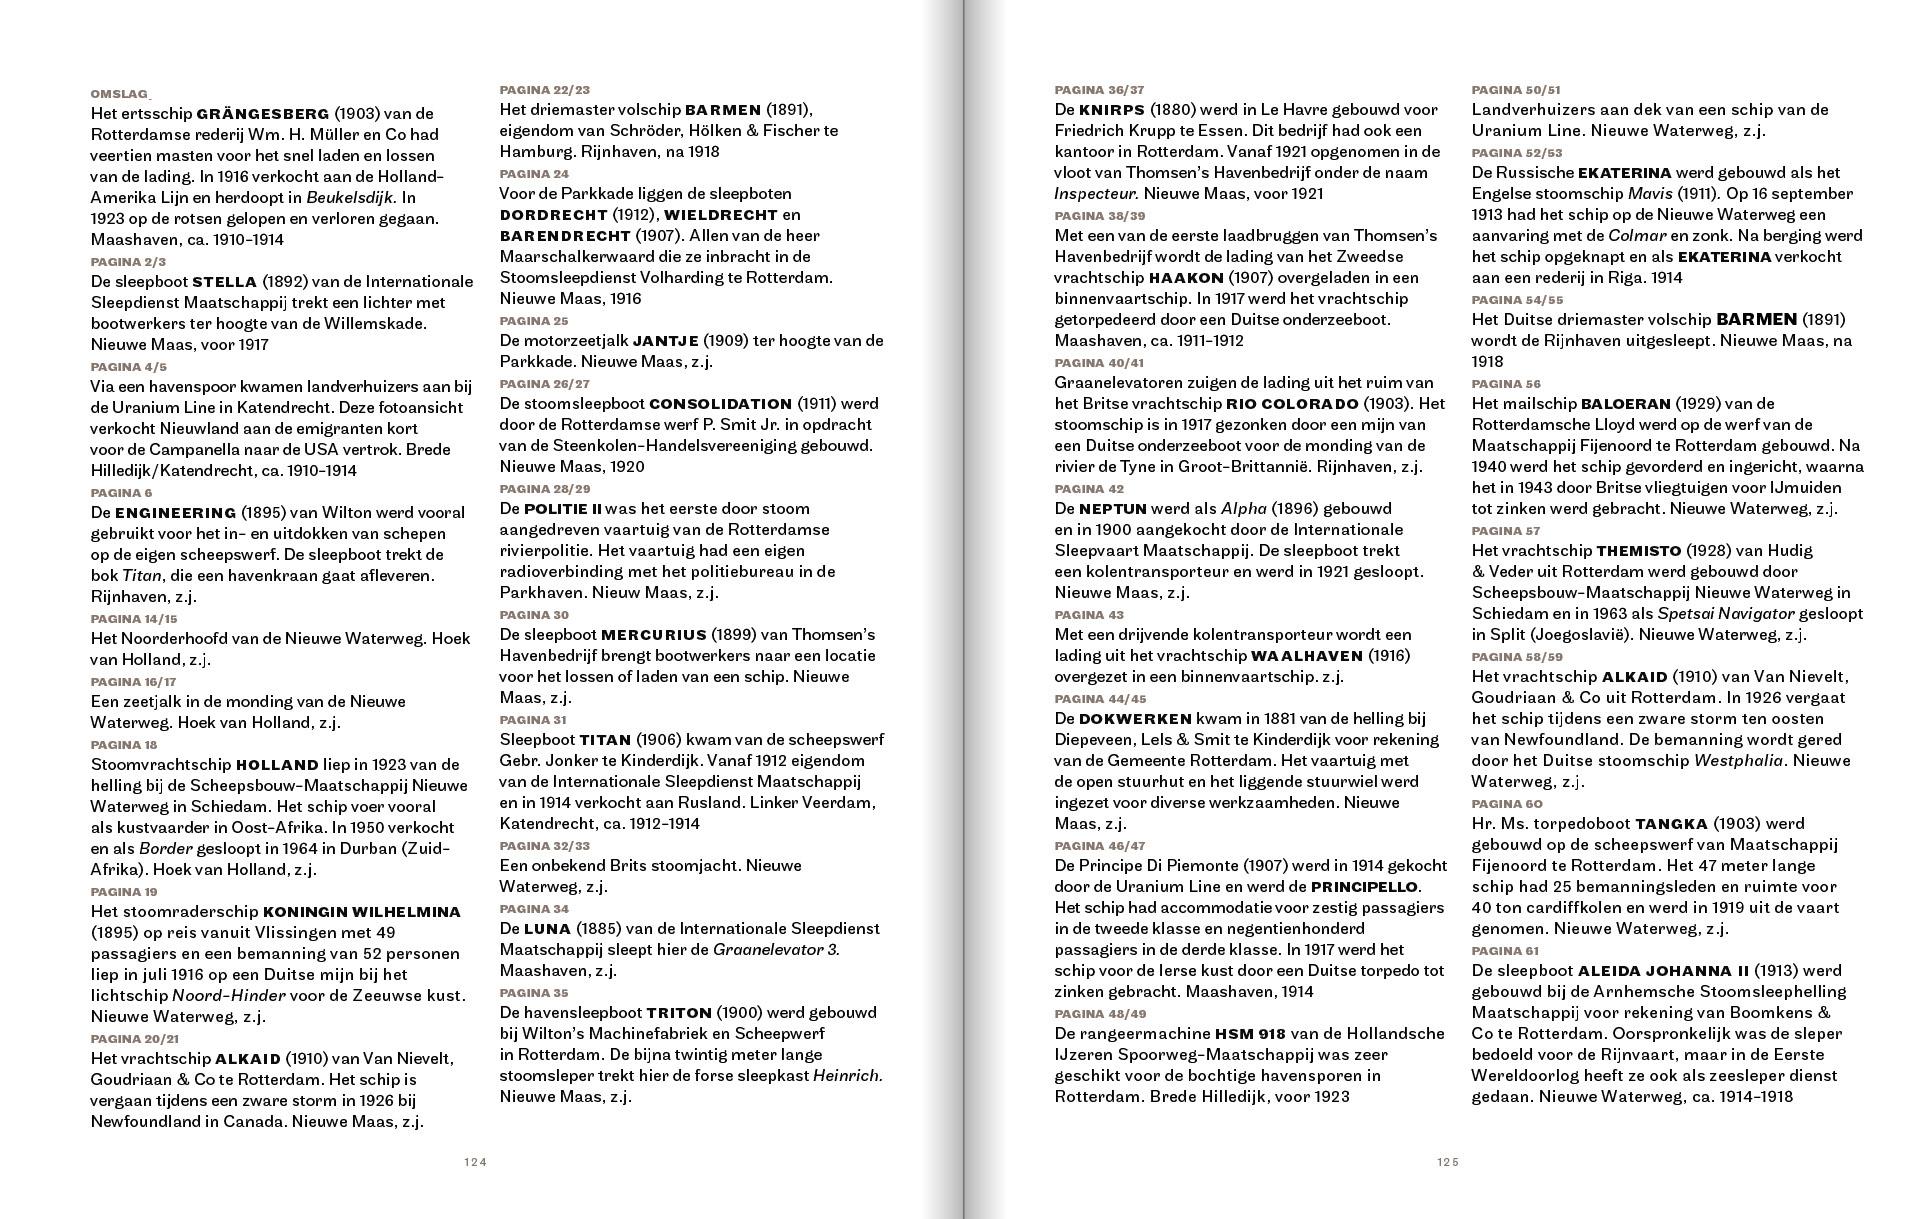 Uitgeverij Diafragma - Cornelis Nieuwland, Nieuwland, havenfotografie, scheepsfotografie, fotograaf, Rotterdam, Rotterdamse haven, maritiem erfgoed, oude schepen, scheepvaart in beeld, maritieme foto\'s, uitgeverij diafragma